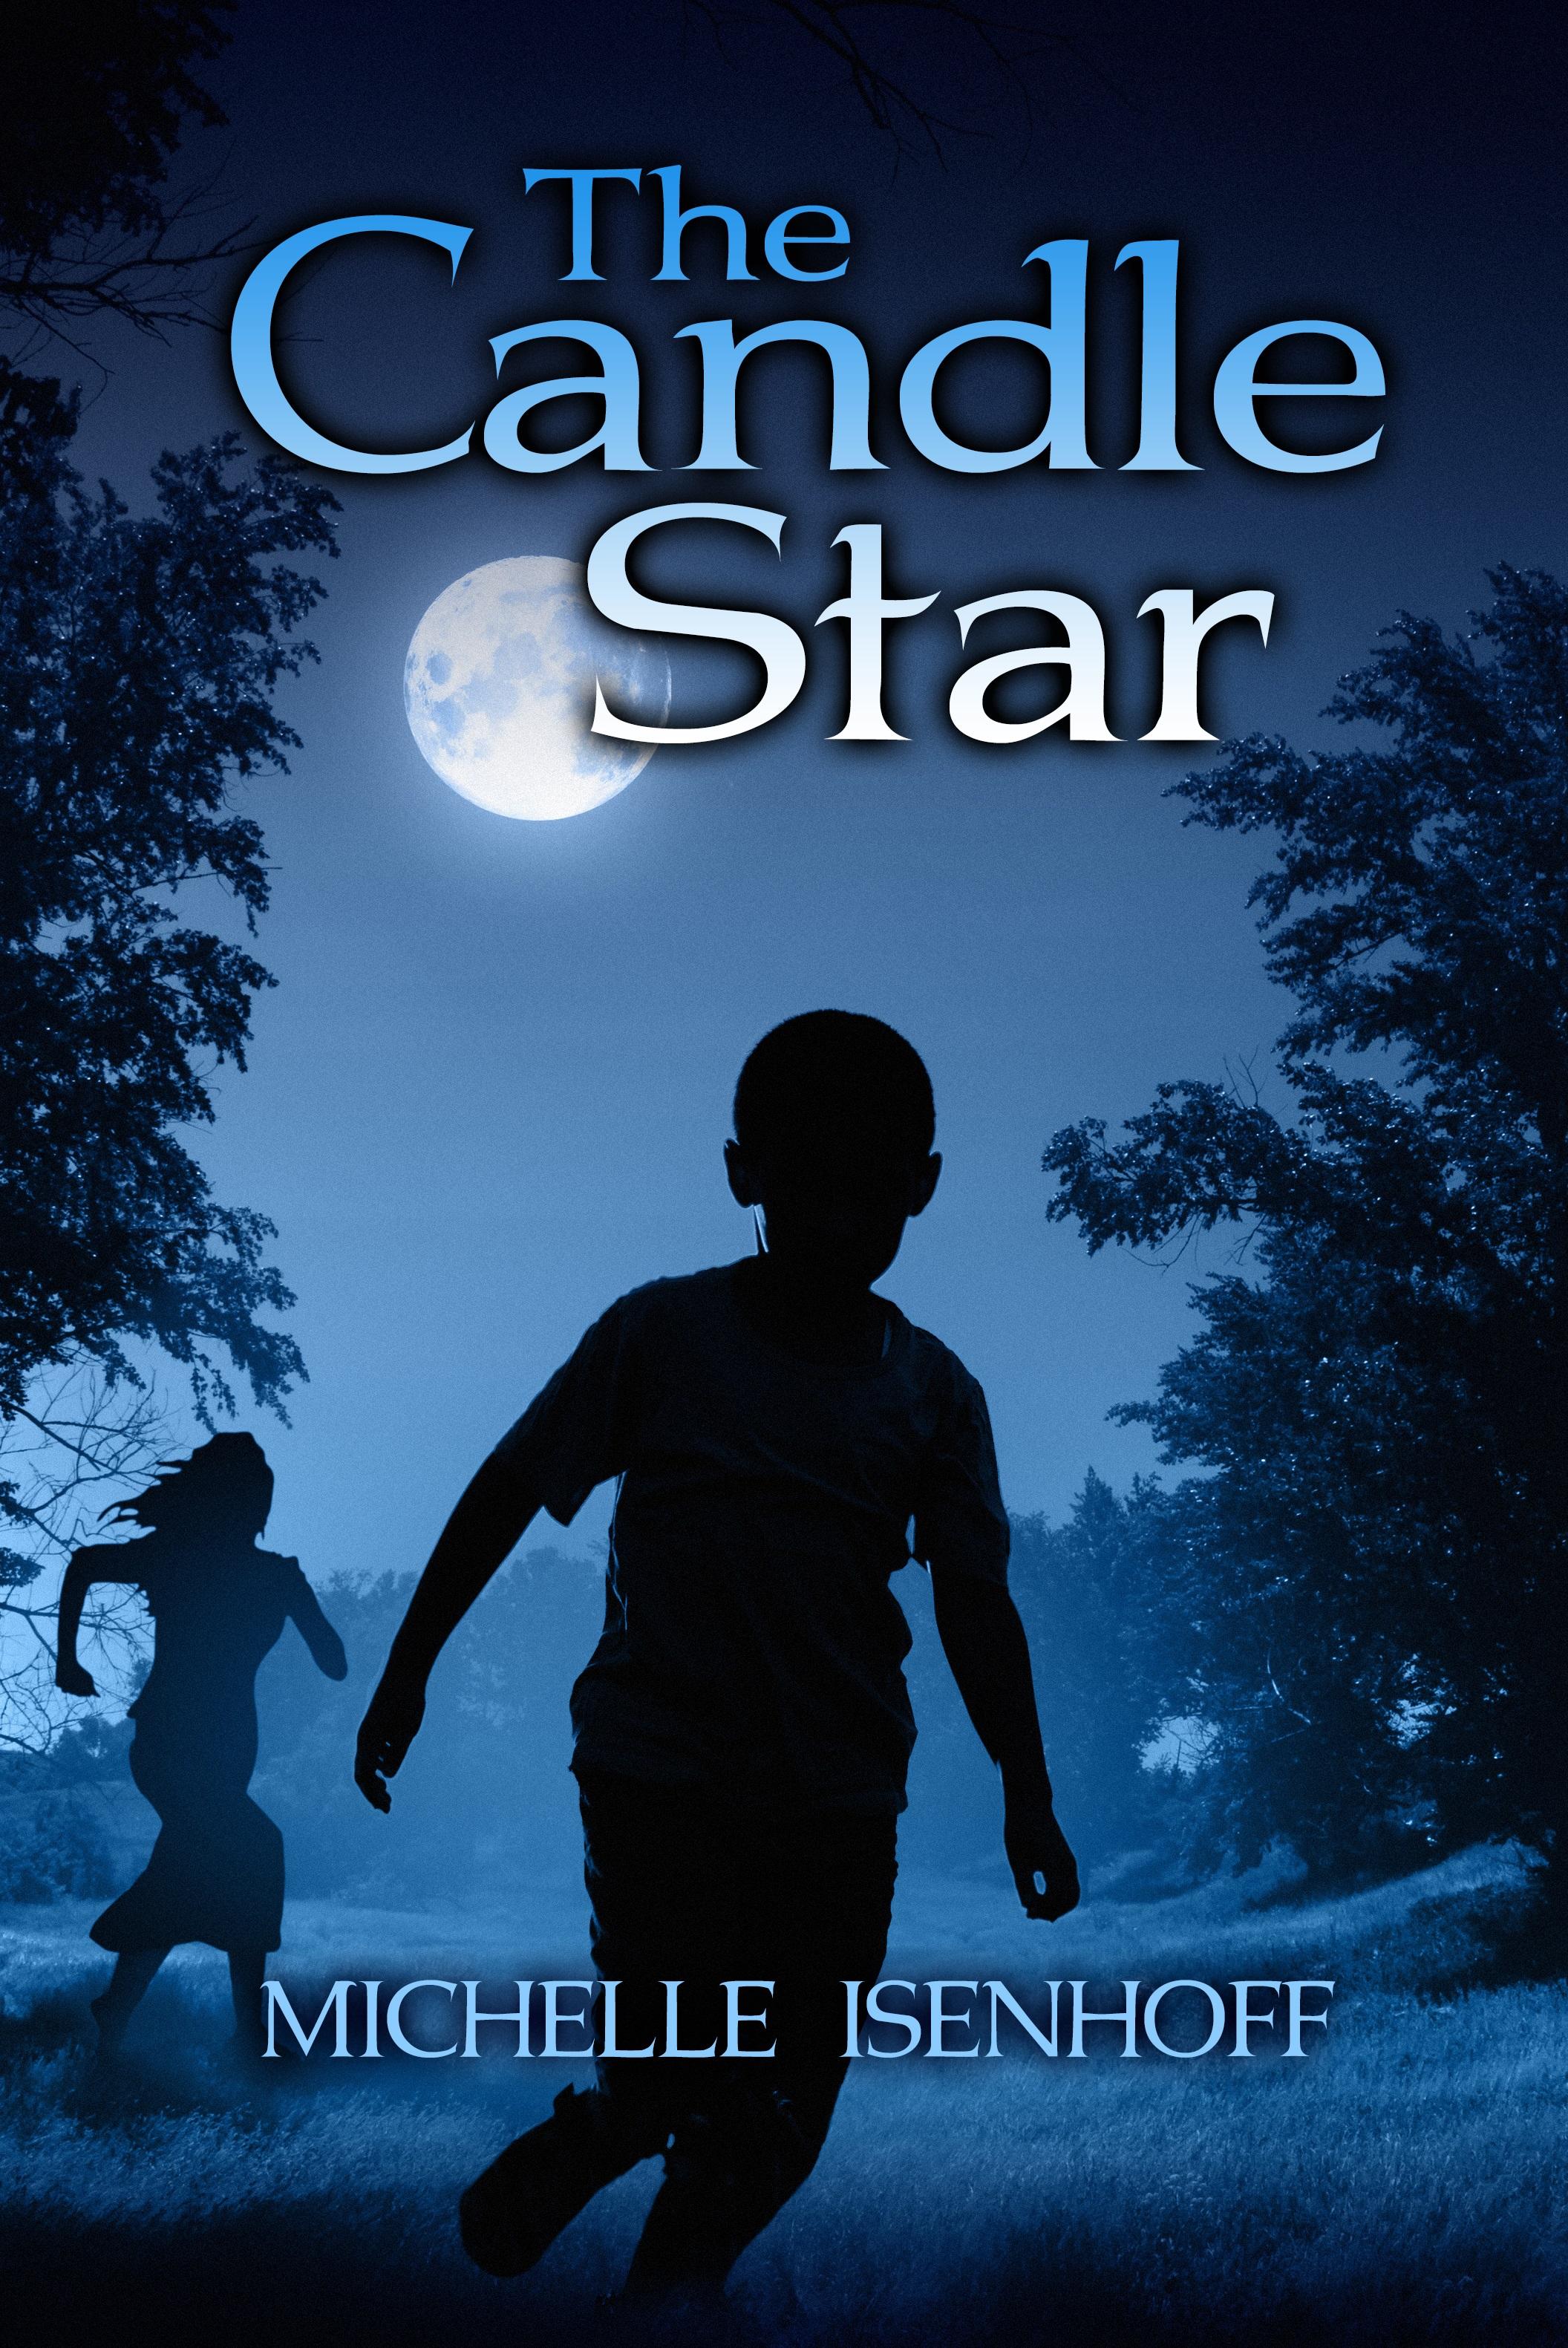 TheCandleStar_cover original no DD